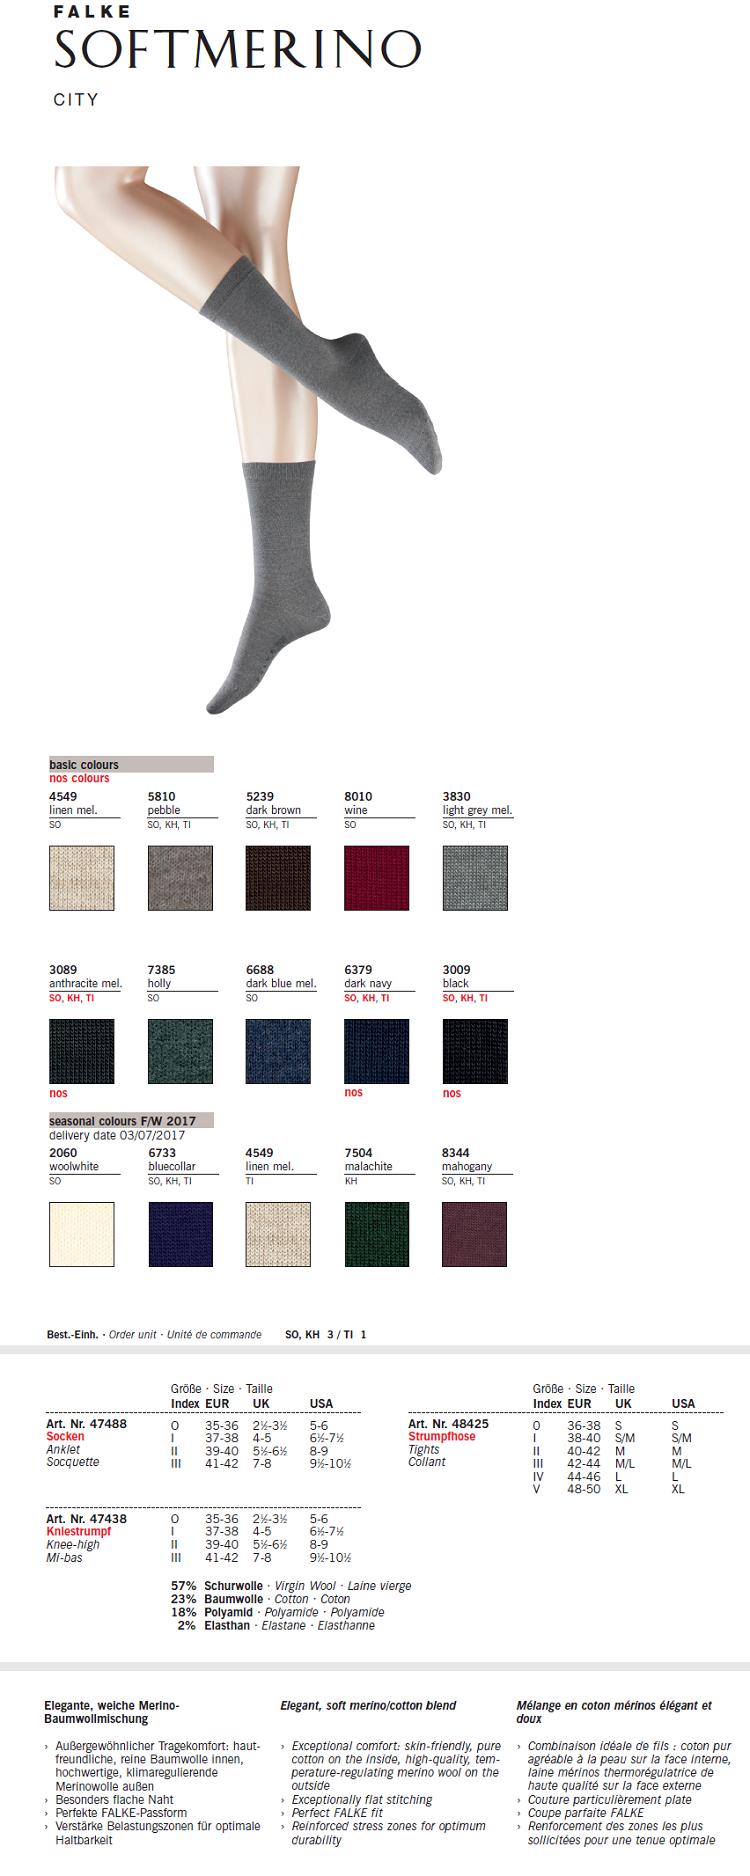 af9e86dacf9 FALKE Soft Merino 奢华美丽诺羊毛连裤袜48425 × 德国原装进口Anthracite ...